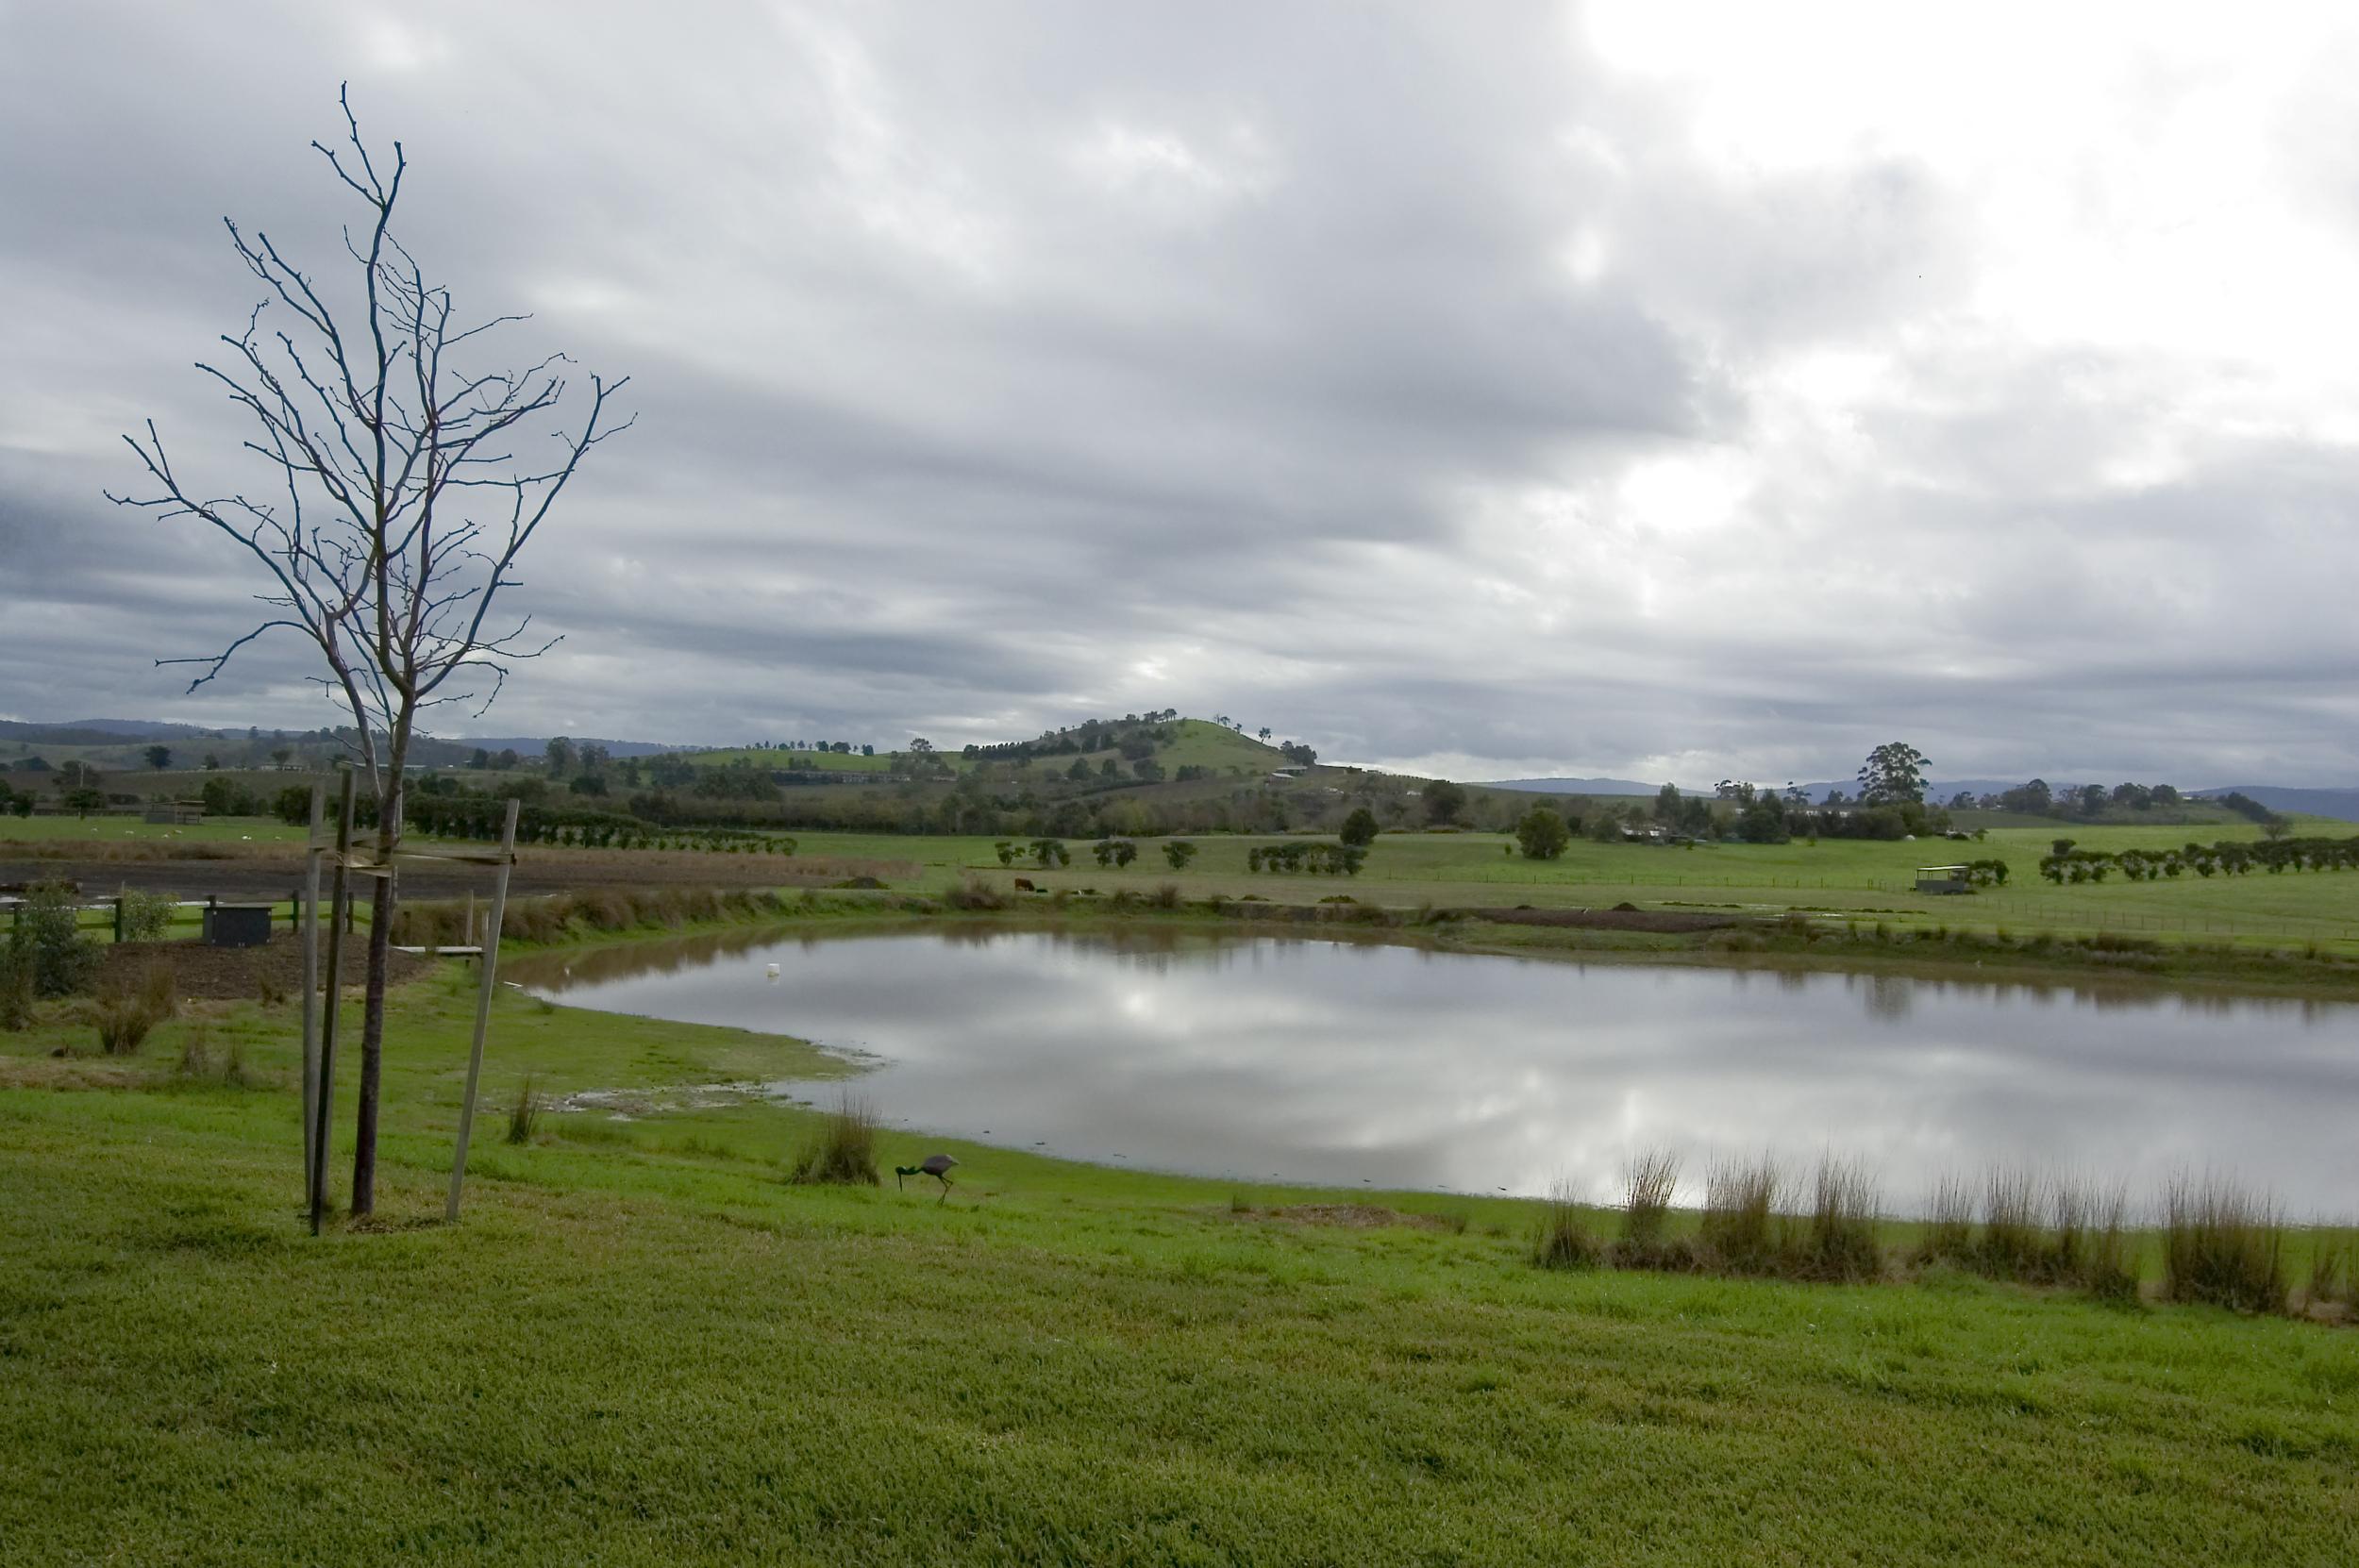 Lake View - Stillness by the lake